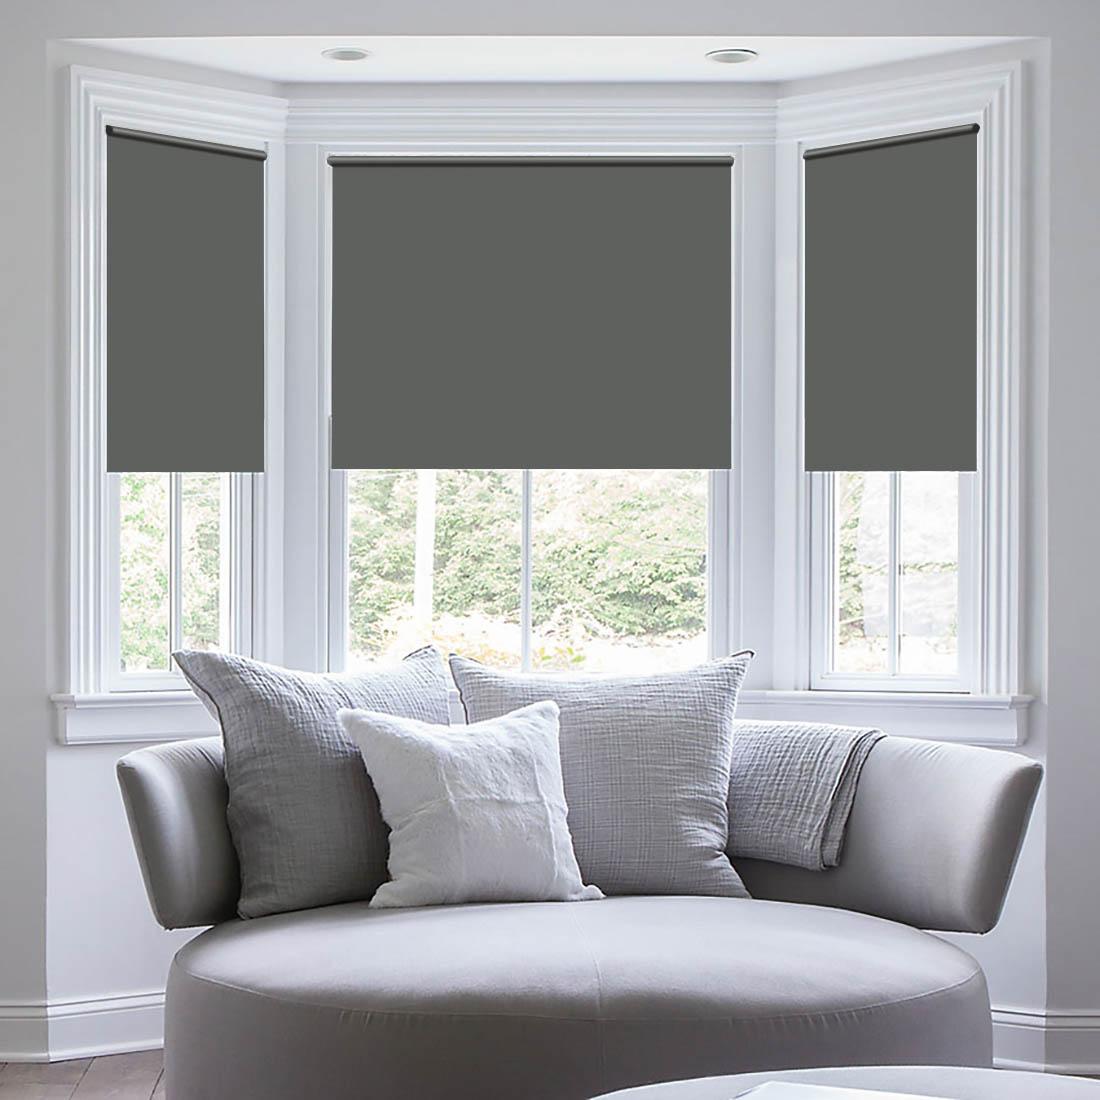 Штора рулонная Sleep iX Eclipce, цвет: серый, серебристый, высота 172 см, ширина 81 смpva314154Blackout - трехслойная светонепроницаемая ткань, из полиэфирного волокнас двойным сатиновым переплетением. Ткань Blackout по своим внешнимпризнакам фактически не отличается от обычной драпировочной ткани, нообладает уникальным свойством: она практически не пропускает свет.Благодаря этому можно добиться полного затемнения, так частонеобходимого для спального помещения. Так как сама ткань довольноплотная, она отлично сохраняет тепло в помещении! Blackout выступаетбарьером создавая в зоне окна тепловой занавес, что защитит квартиру отсквозняка и холода. Летом такое положение штор из блэкаута, наоборот,сохранит прохладу внутри помещения, не дав солнечному свету нагреватьпомещение. Помимо перечисленных свойств, ткань Blackout обладаетвысокой плотностью, что обеспечивает высокое качество исходного сырья ихорошую износостойкость изделий. Ткань подвергается дополнительнойобработке специальным защитным химическим составом, что позволяетшторам не выгорать при солнечном свете, и сохранит от воздействиясолнечного света другие предметы интерьера. Уникальные свойства ткани нетеряются с течением времени и в процессе ее эксплуатации. Разрешается ручная стирка и деликатная стирка в стиральной машине.